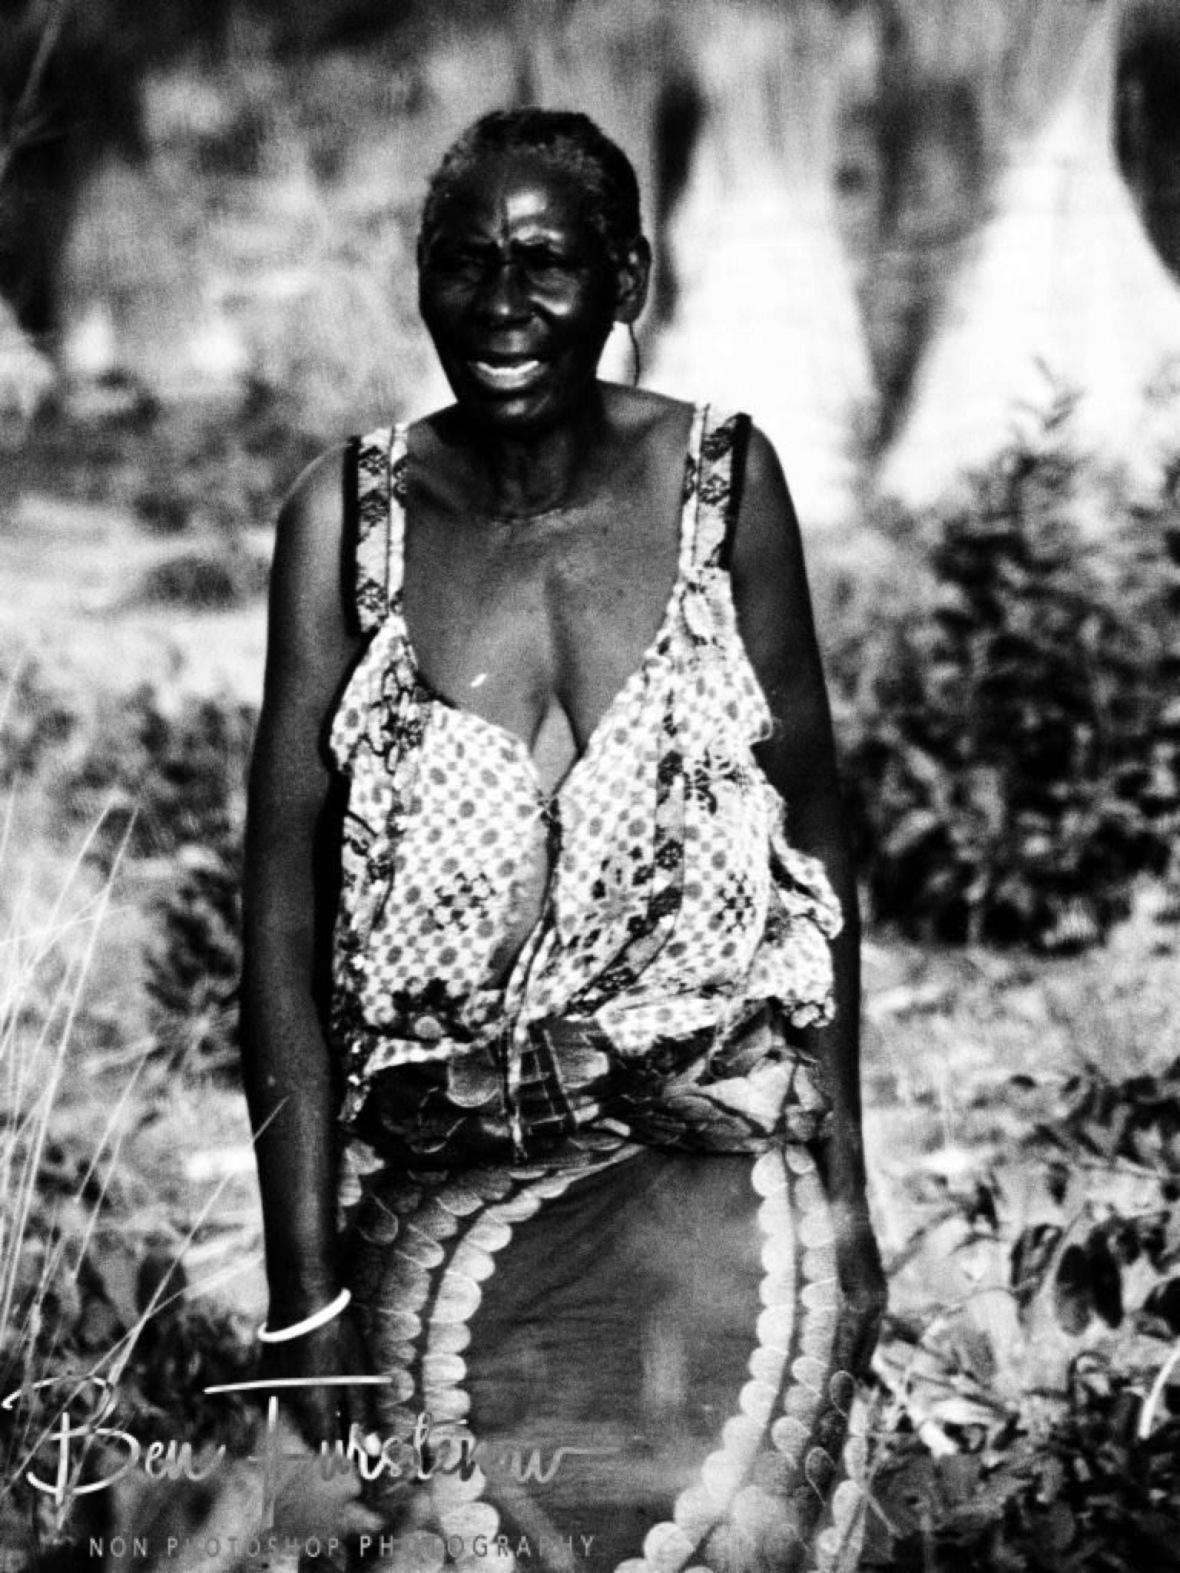 Grandma speaks out near Lukulu, Zambia